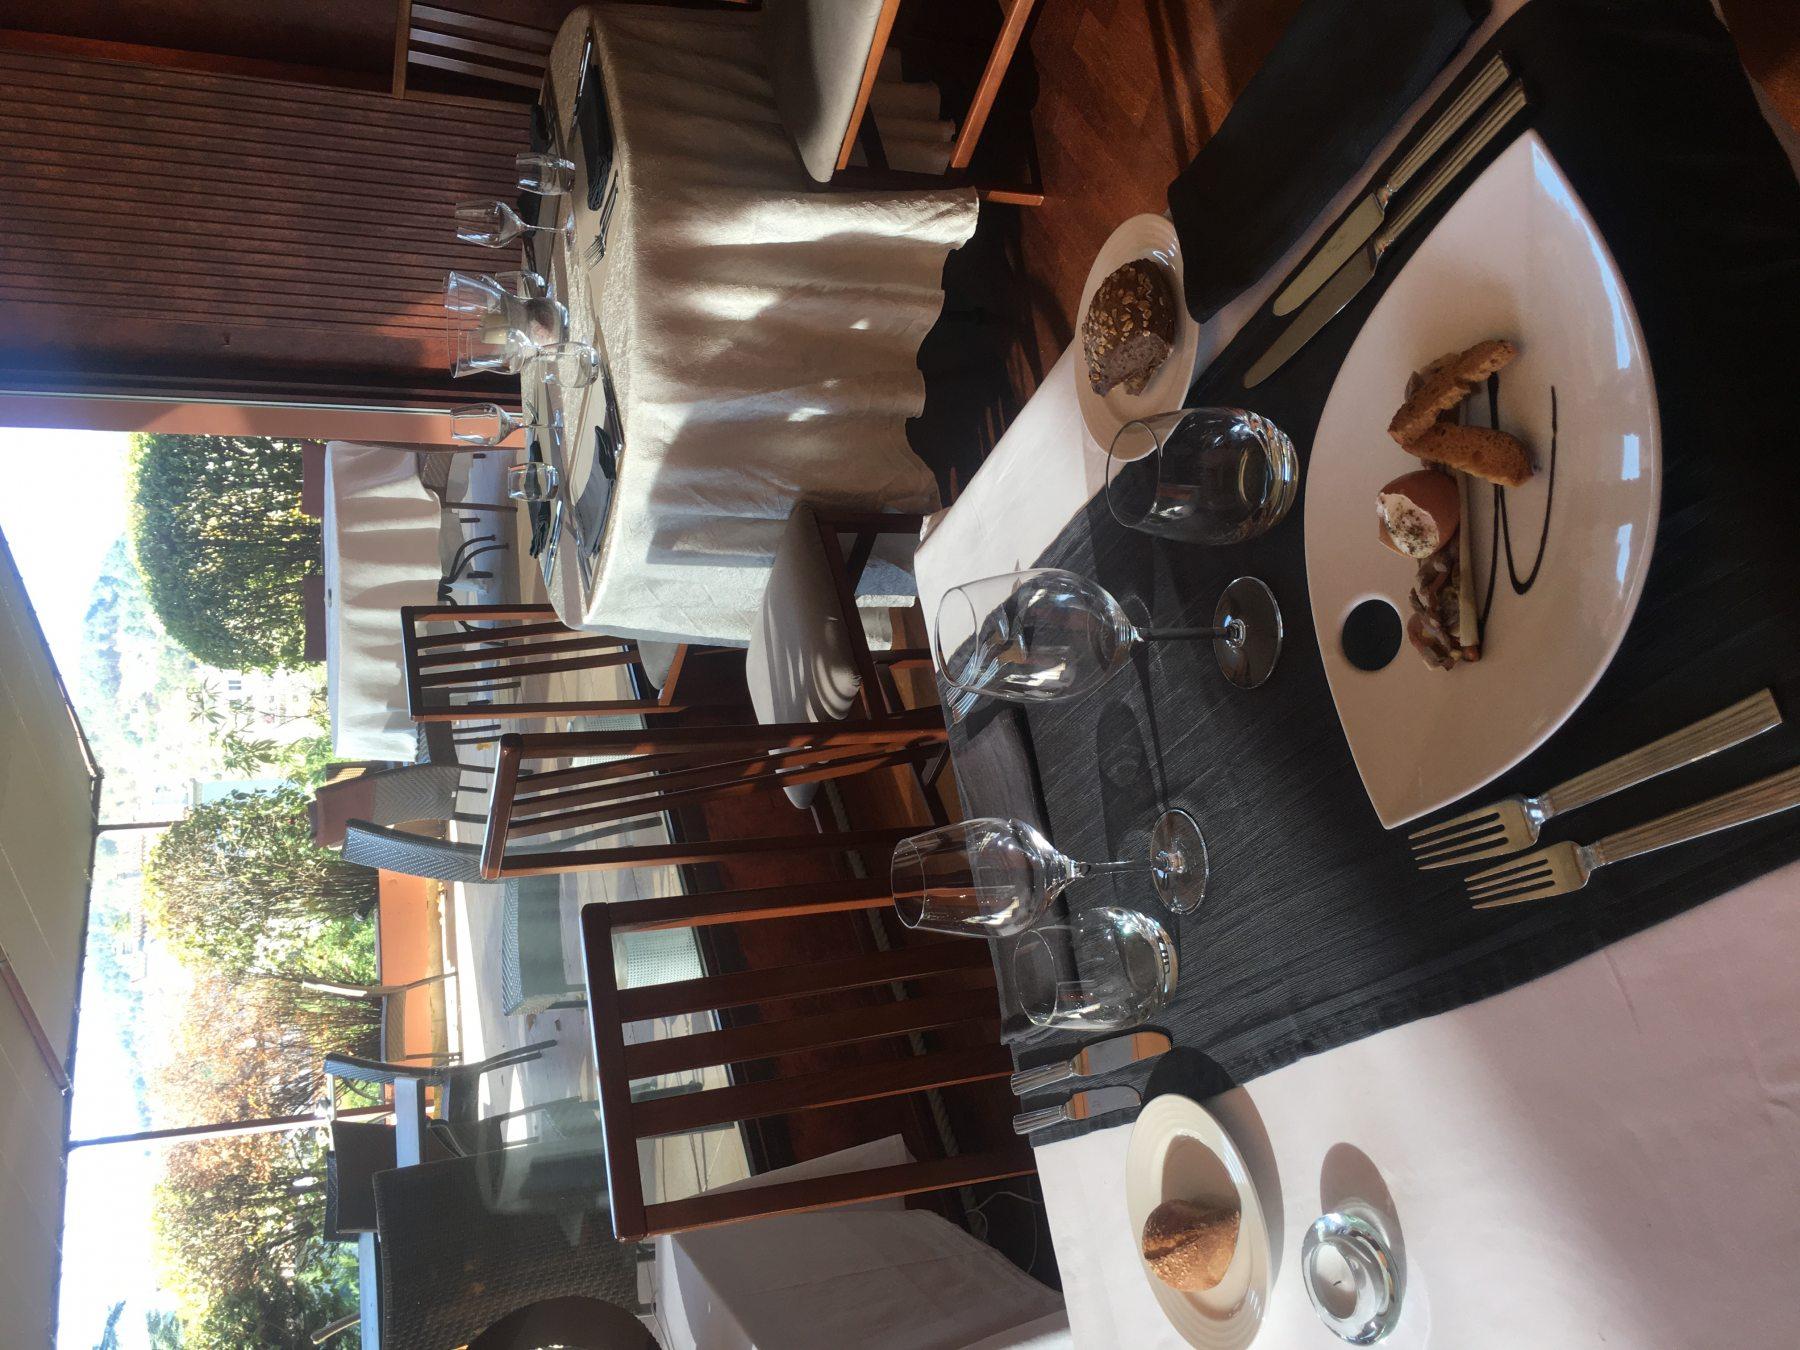 Restaurant La Chaumette Porte des Suds